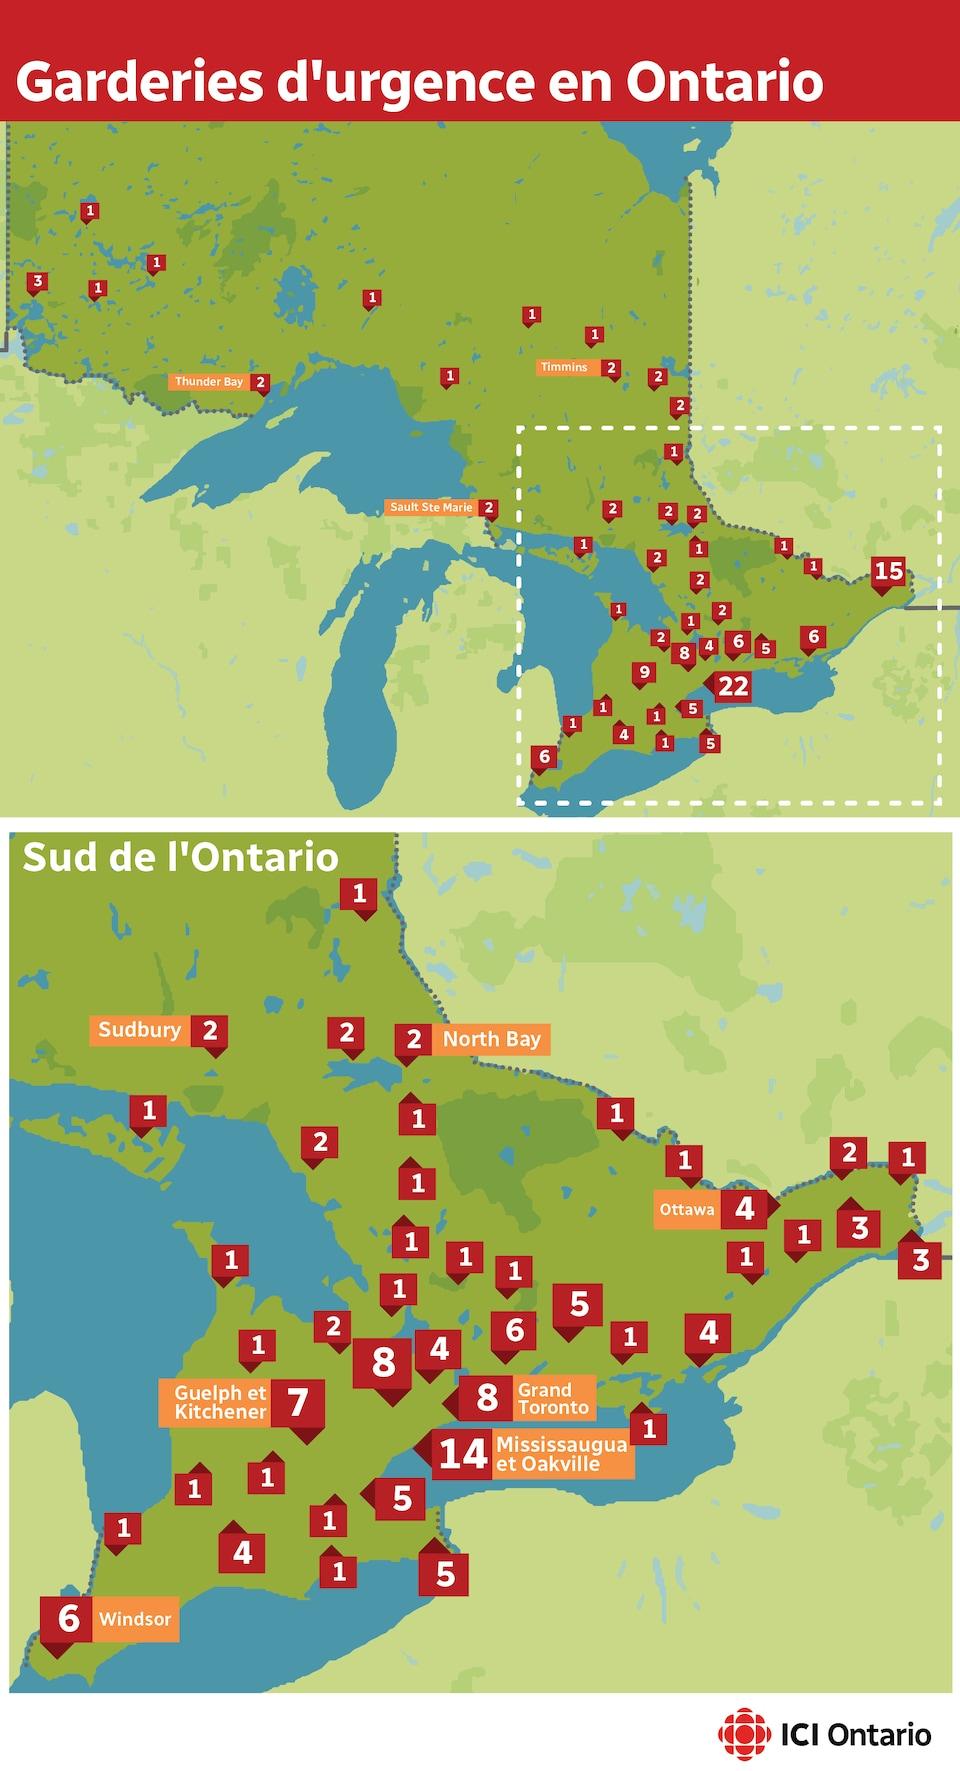 Une carte de l'Ontario et une du Sud de l'Ontario illustrent la répartition des centres de garde d'urgence.